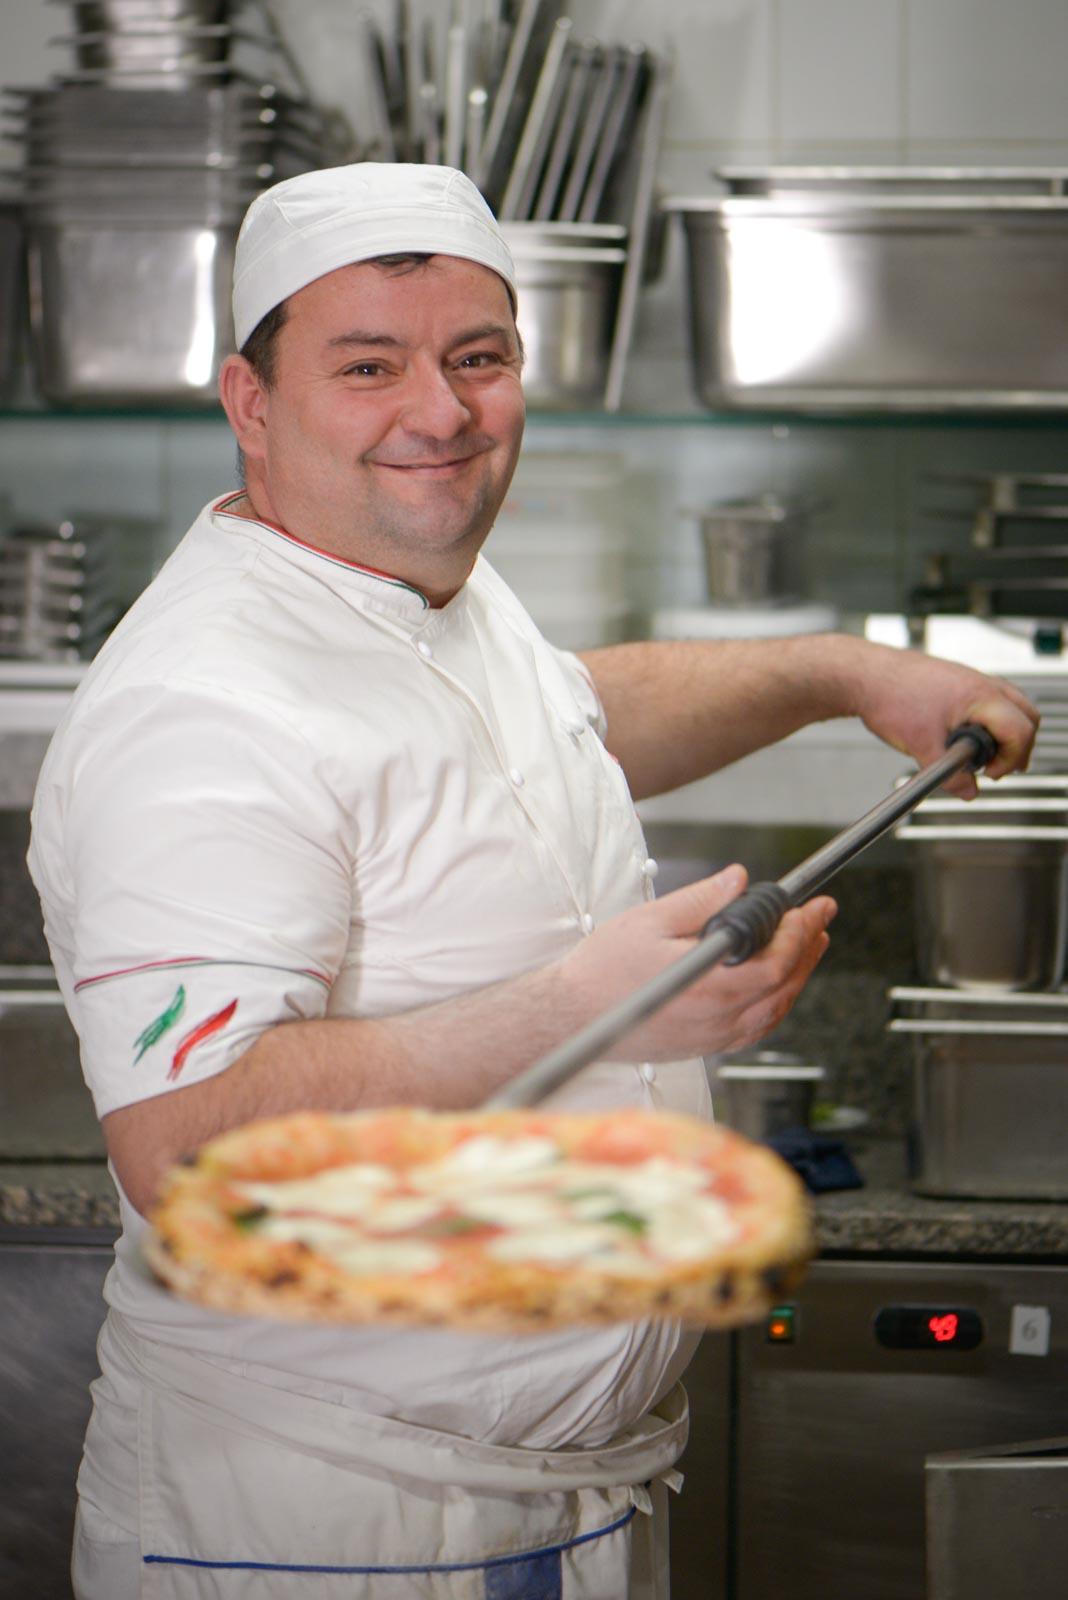 michele croccia con pizza